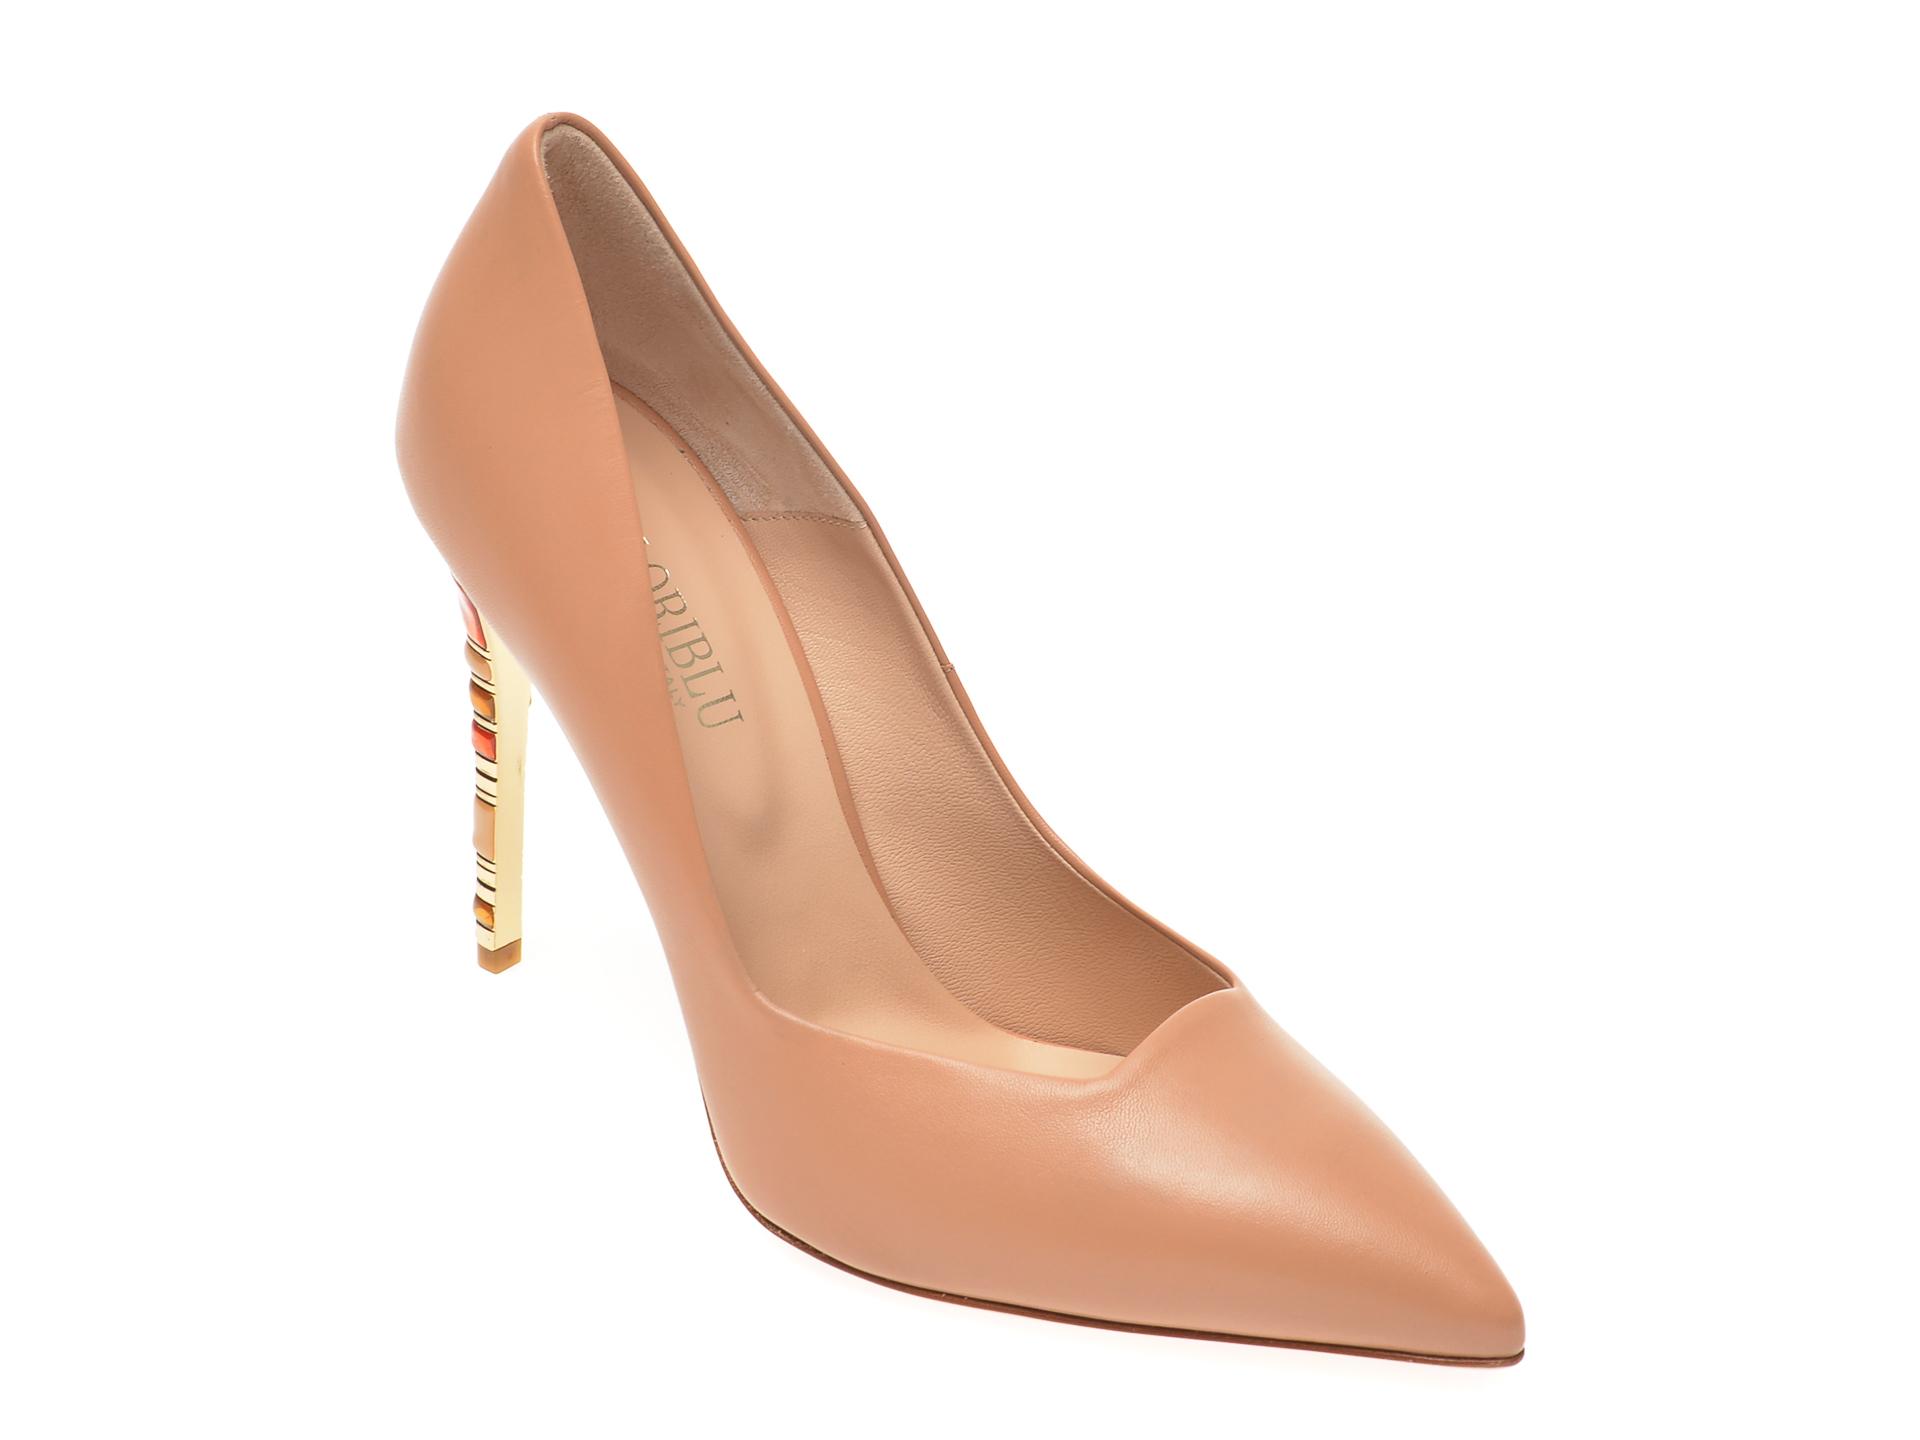 Pantofi LORIBLU nude, 1201, din piele naturala